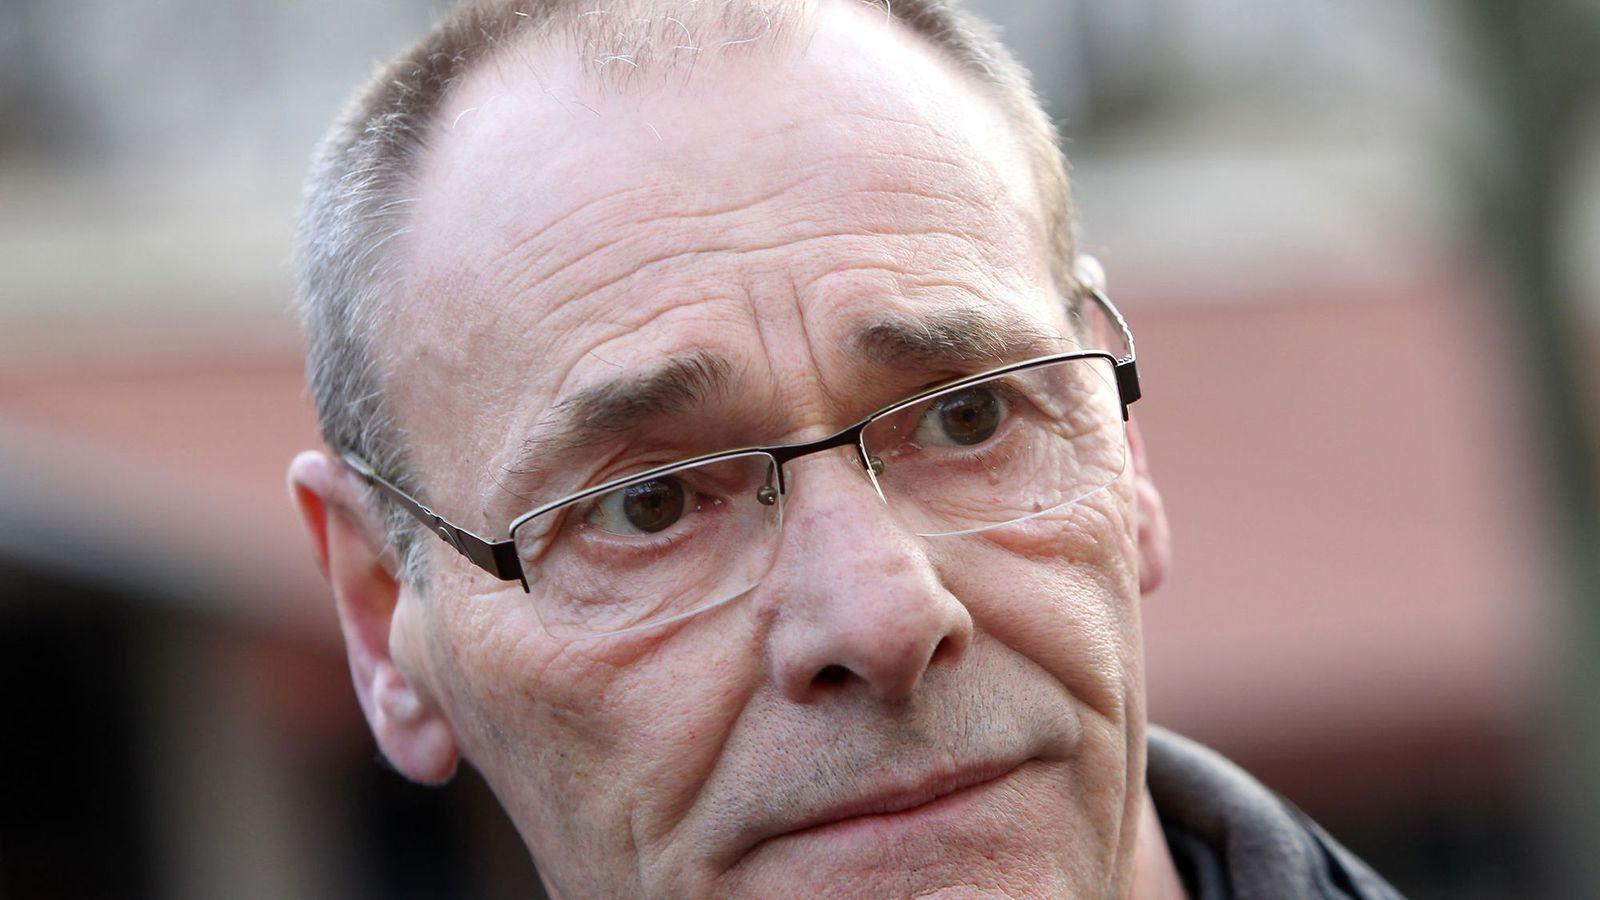 Vingt-sept ans après le meurtre de Nelly Haderer près de Nancy, un homme définitivement acquitté dans cette affaire est mis en cause par un échantillon d'ADN, un coup de théâtre qui soulève de nombreuses questions.  afp.com